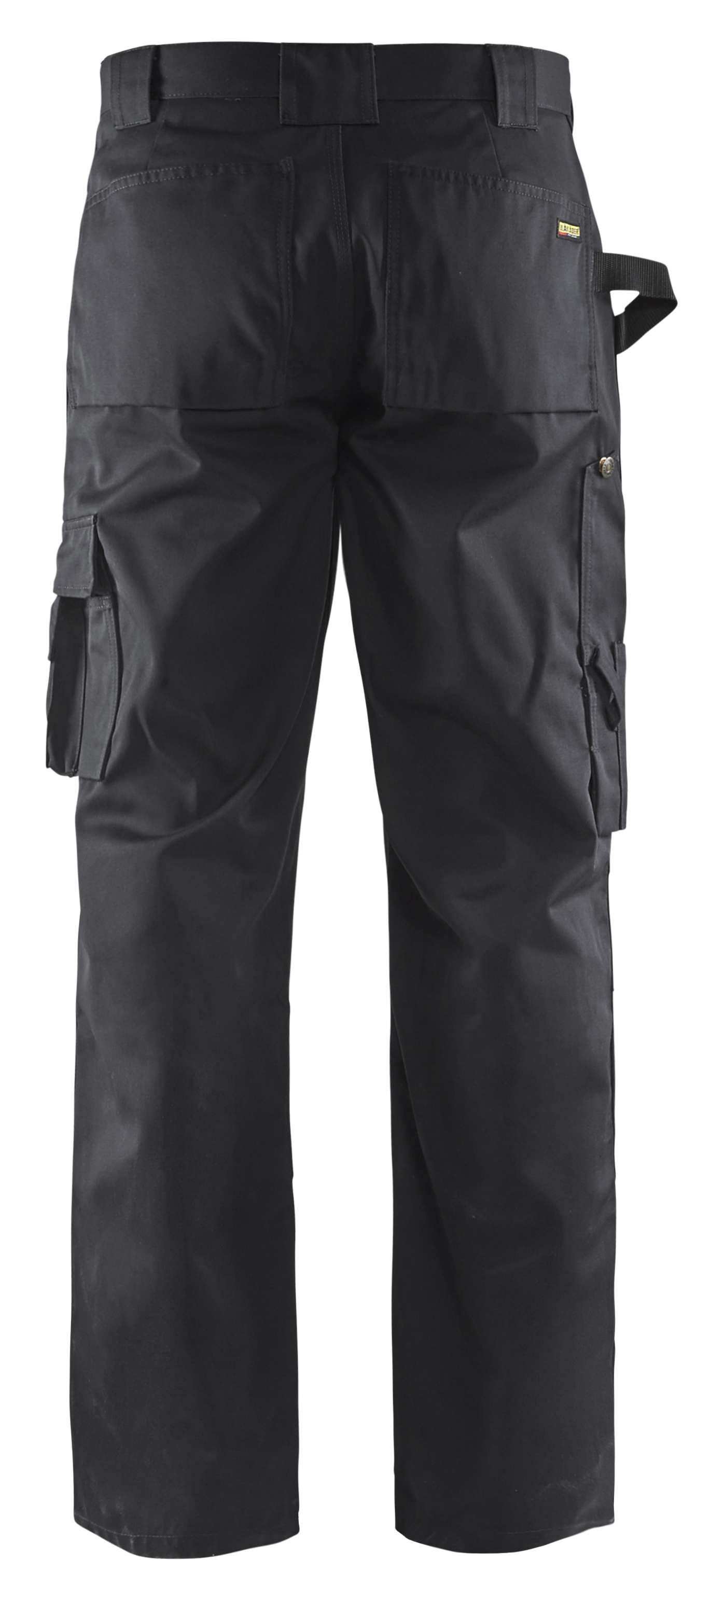 Blaklader Werkbroeken 15701860 zwart(9900)